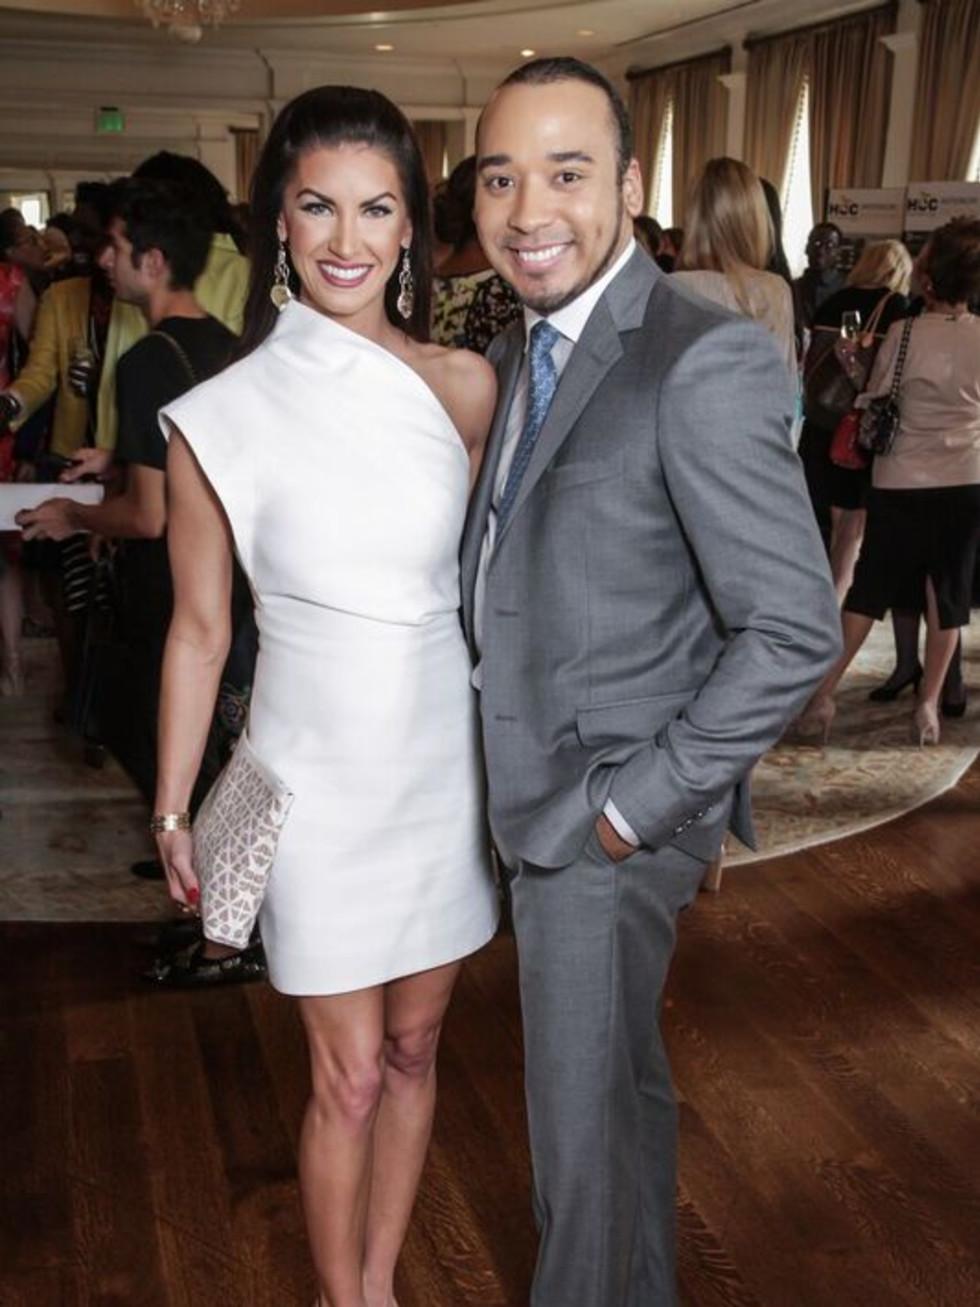 Nicole Lassiter, Brandon McClendon at Passion for Fashion luncheon